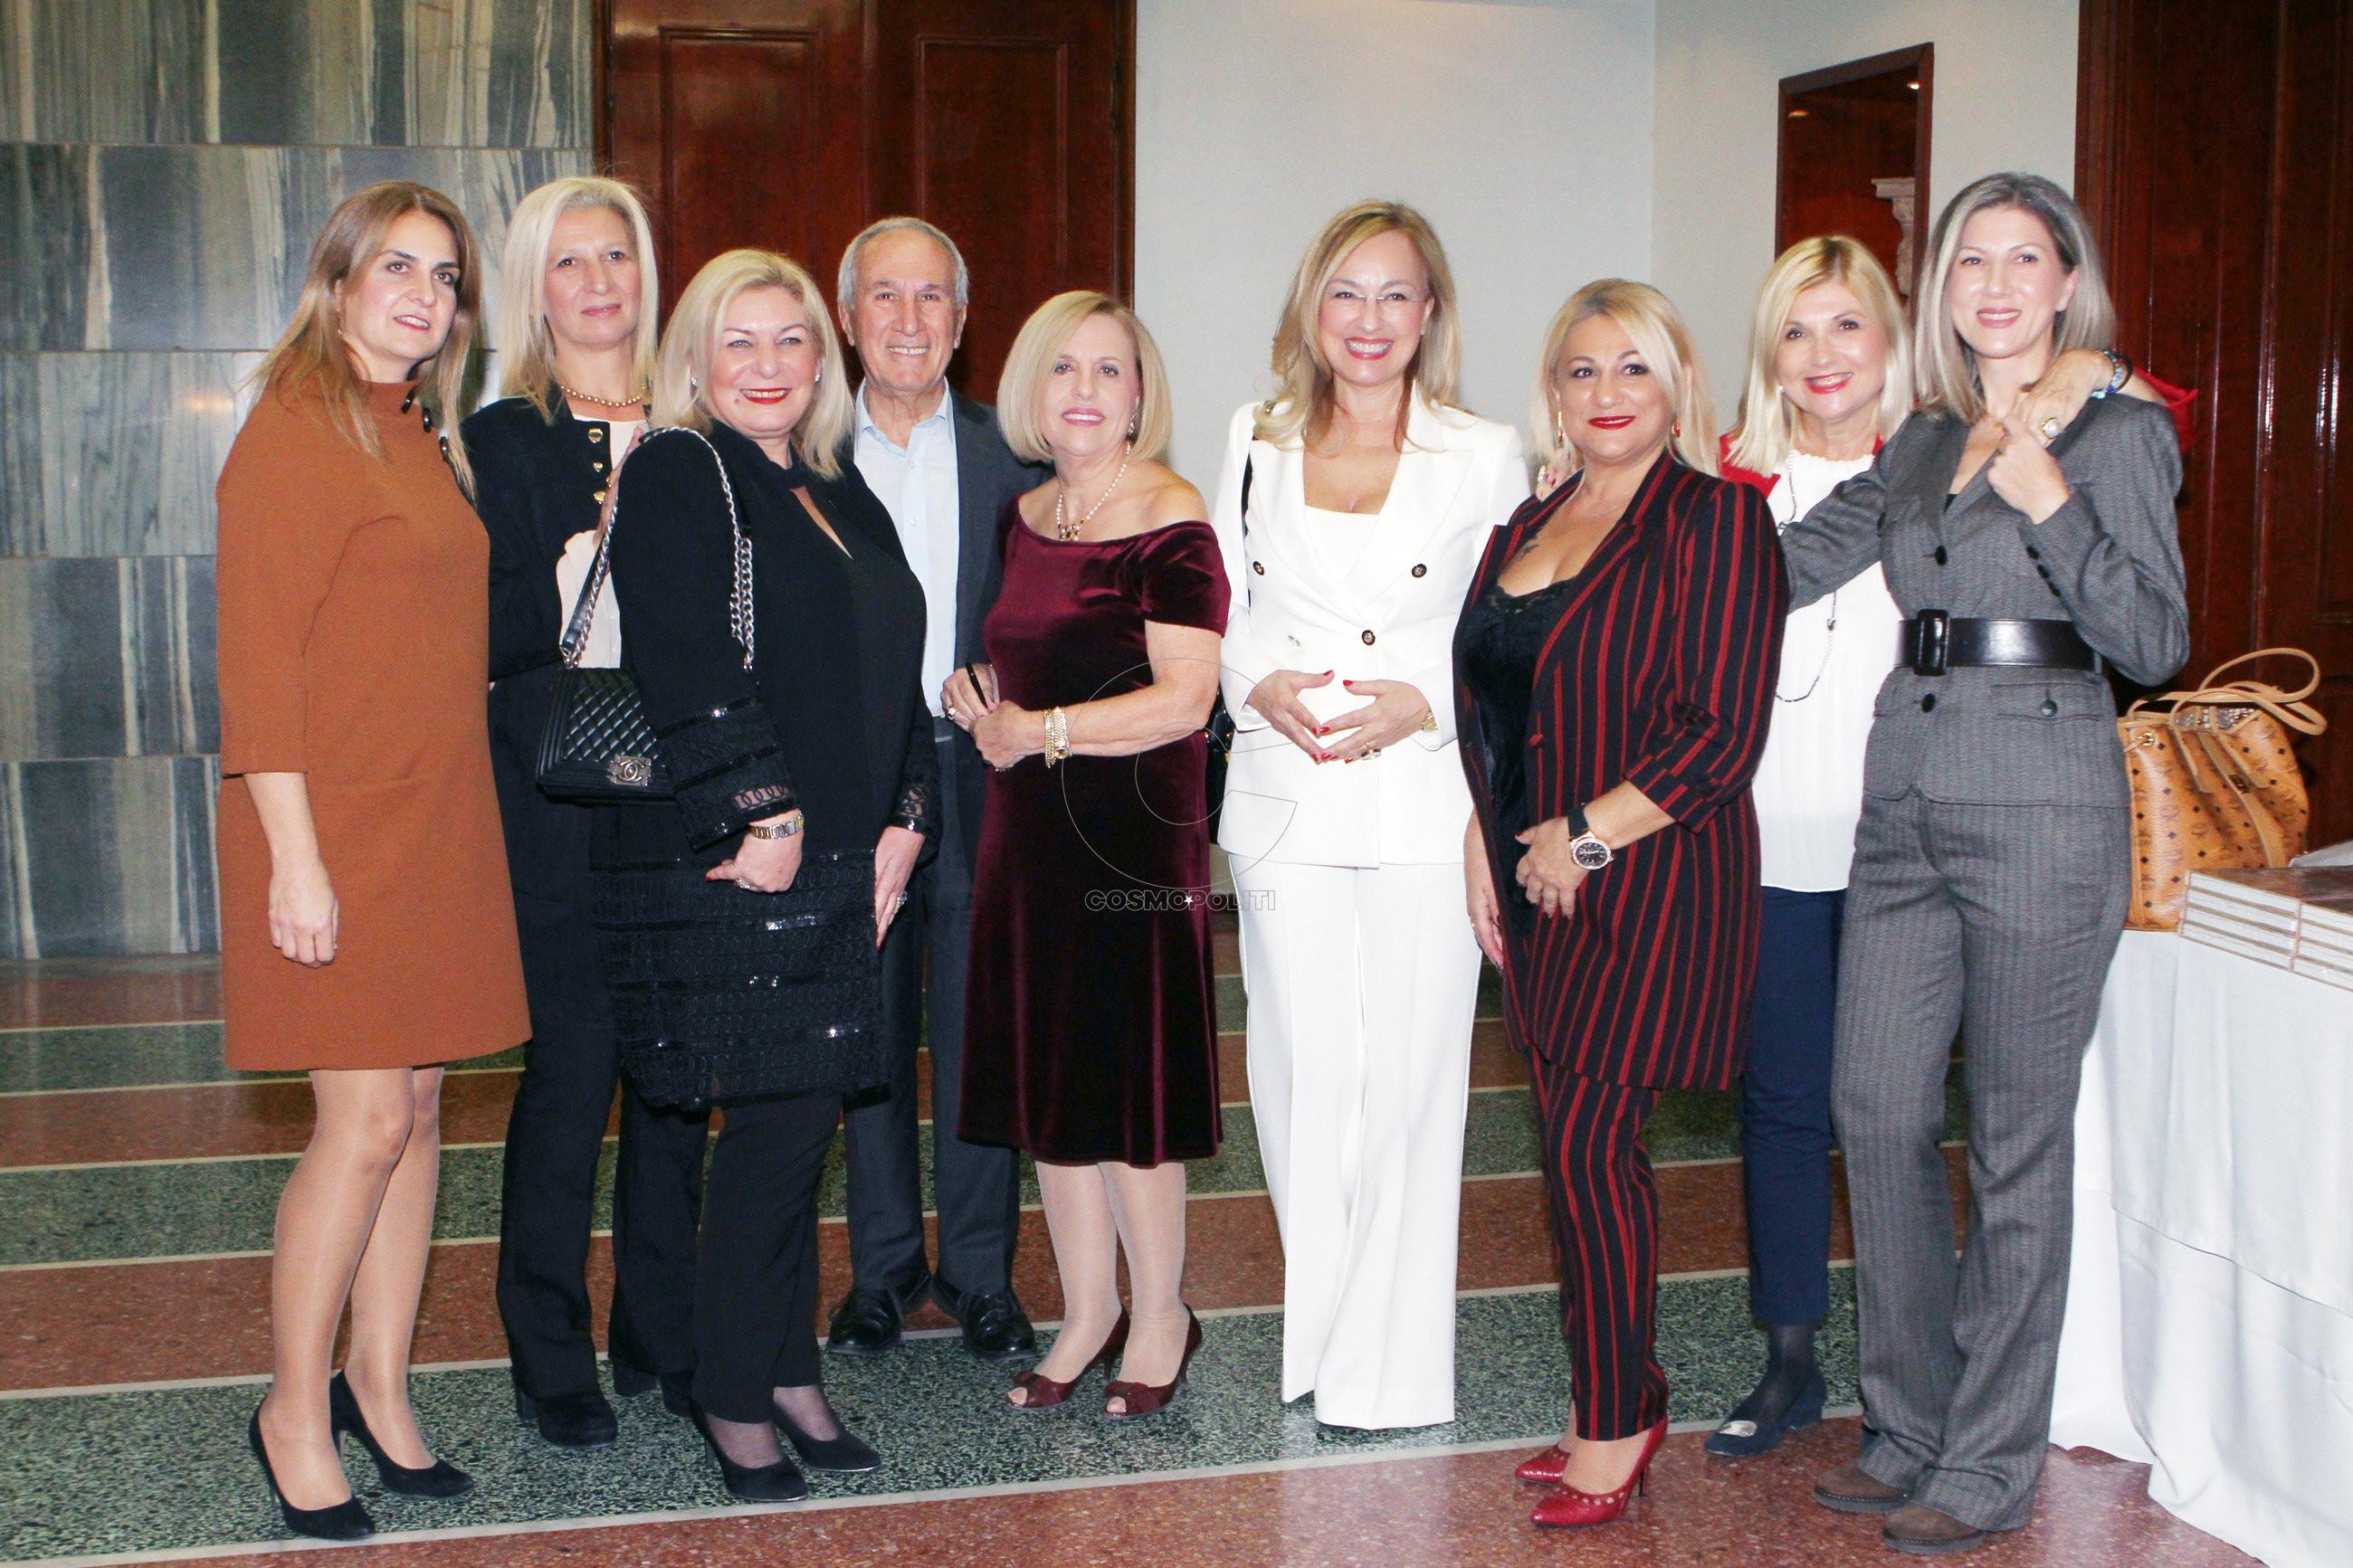 Σύσσωμες οι Καλλιπάτειρες Πιερίας με την Συντονίστριά τους κ. Εύα Πατέρα, την Λόλα Νταϊφά , την Αλεξάνδρα Γωγούση και τον Αλέξη Κωστάλα